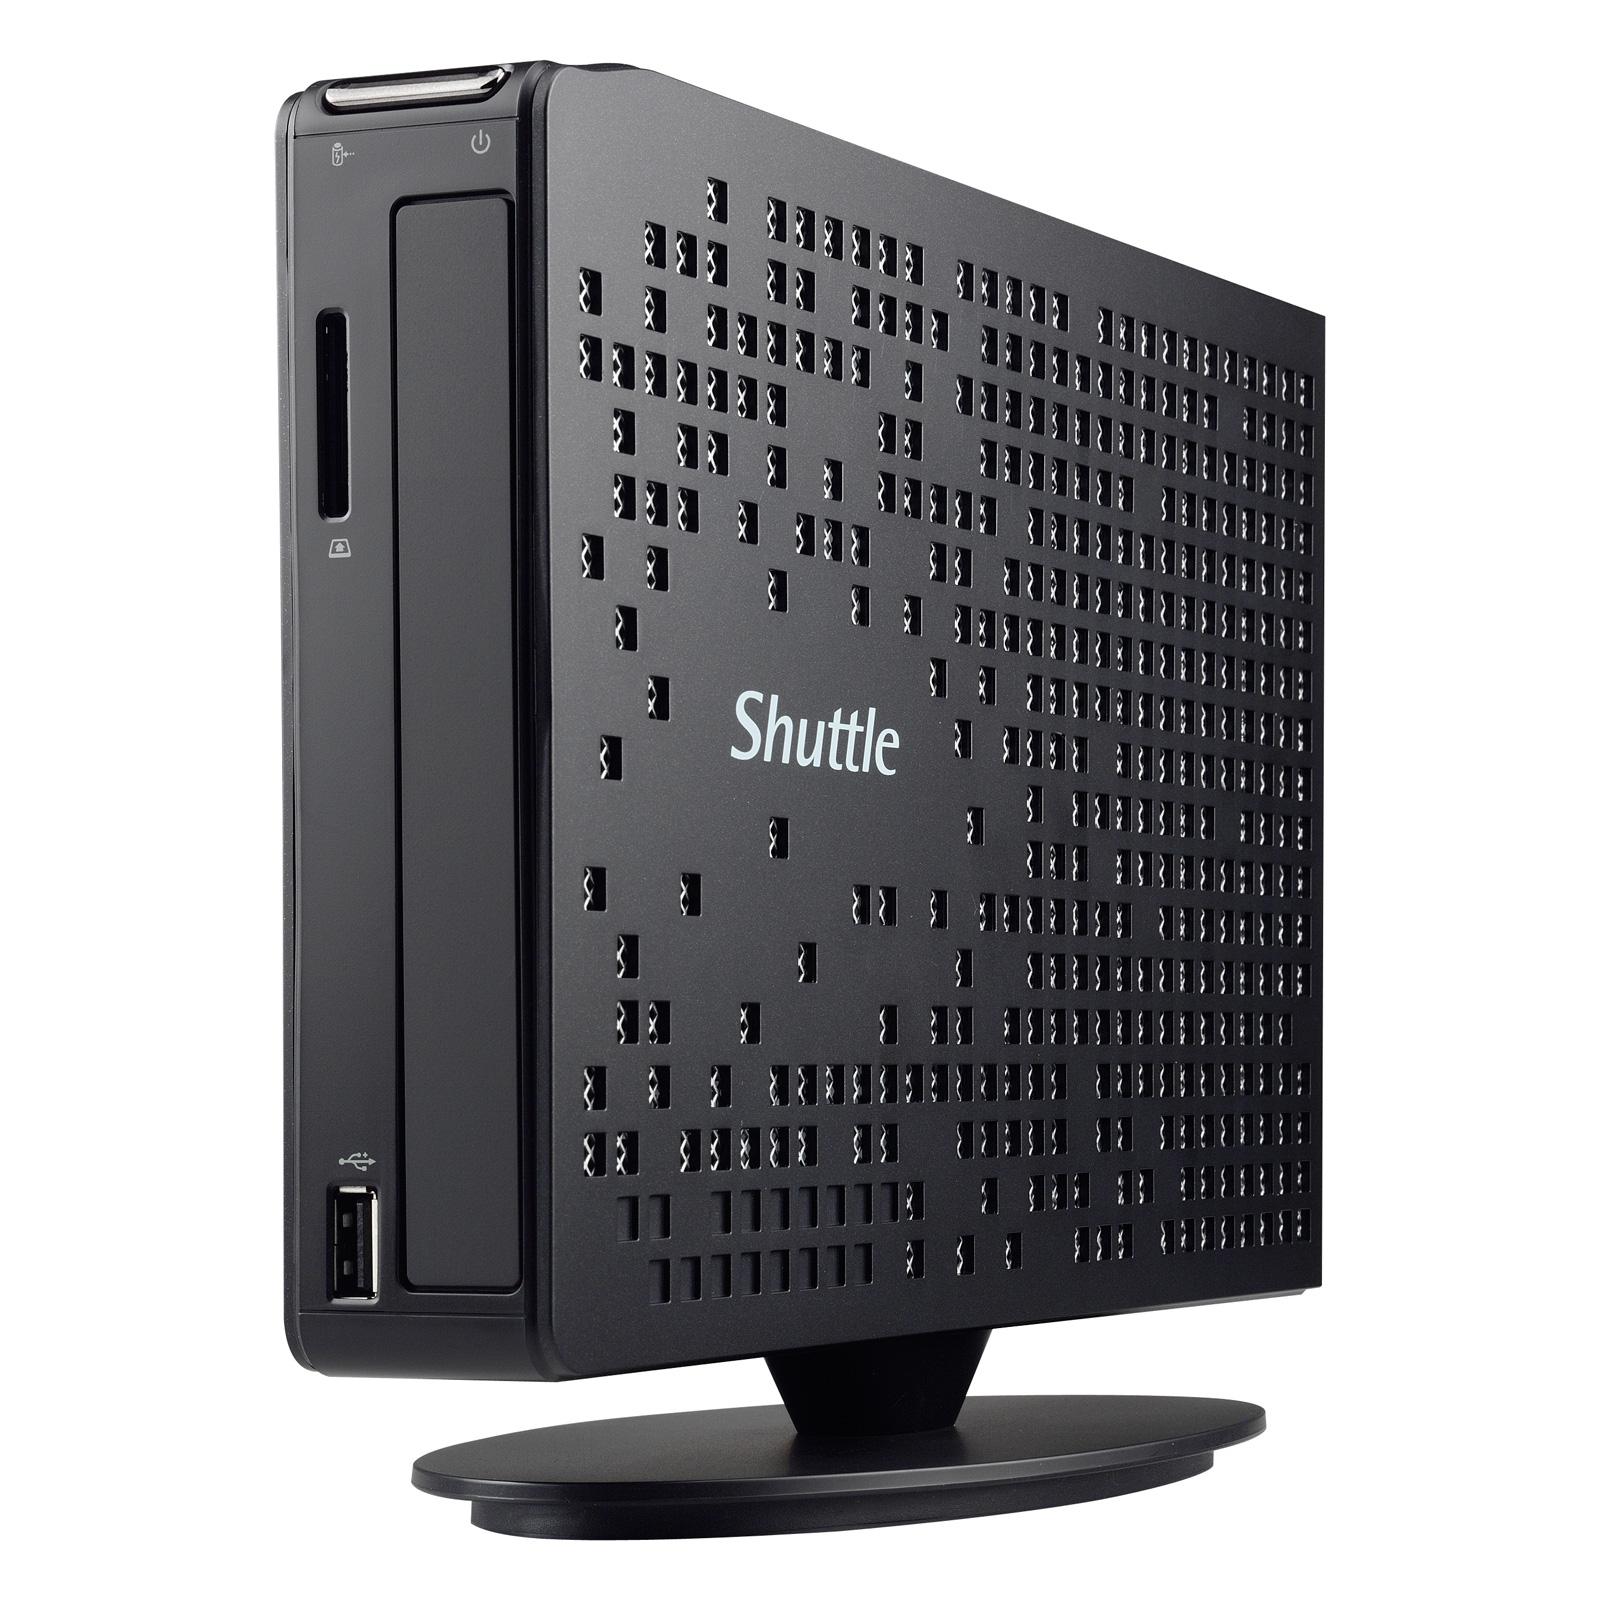 PC de bureau Shuttle XS35-703 V4 Intel Celeron J1900 4 Go 500 Go Intel HD Graphics Wi-Fi N (sans écran)